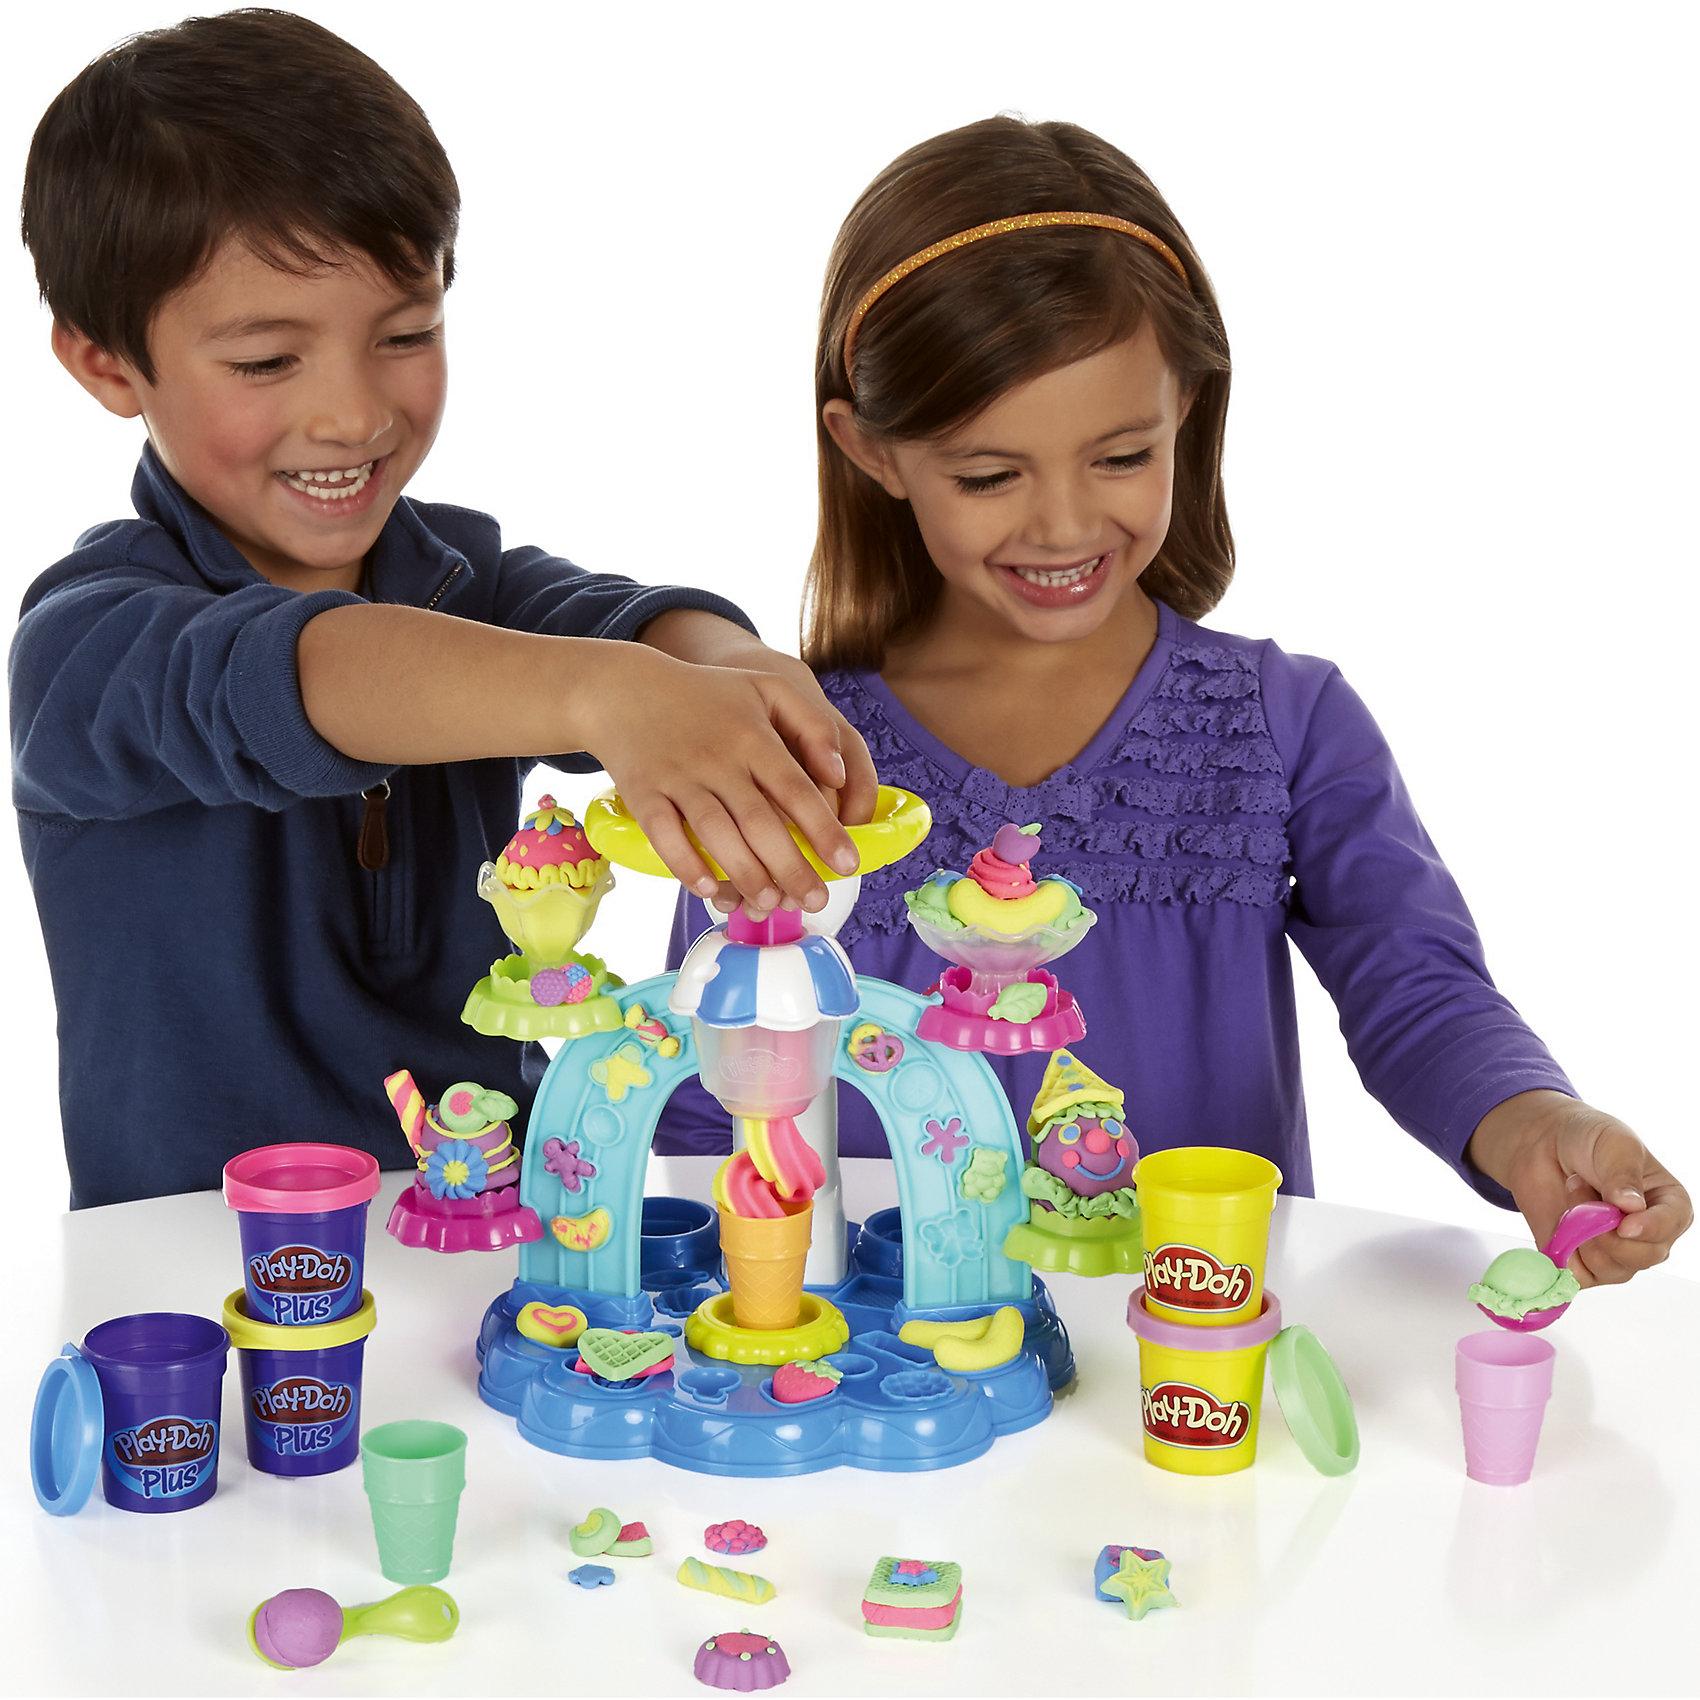 Игровой набор Фабрика мороженого, Play-DohИдеи подарков<br>Игровой набор Фабрика мороженого, Play-Doh (Плей До) - замечательный набор для игр и творчества, который не оставит равнодушным Вашего ребенка. Теперь он сможет придумать и вылепить множество видов оригинального красочного мороженого. Большое разнообразие формочек и аксессуаров, входящих в набор, открывают безграничный простор для фантазии: можно приготовить шоколадное эскимо или банановый сплит, клубничное или ежевичное мороженое. Чтобы начать веселую игру нужно лишь поместить пластилин в специальный отсек установки для мороженного, после чего опустить ручку-пресс и несильно надавить на нее. Выложите свое мороженое в рожок или креманку и посыпьте его конфетами или другими сладостями. <br><br>Помимо мороженого игровой аппарат позволяет делать небольшие кексики или украшения в виде ягод, конфет, фруктов и крендельков, которые нужно будет выдавливать в формочках, размещенных по всему корпусу игрушки. Пластилин Play-Doh (Плей До) не липнет к рукам и поверхностям, легко собирается обратно в банку и быстро застывает. Чтобы пластилин стал снова мягким, его достаточно смочить водой, он приготовлен на растительной основе и полностью безопасен для детей.<br><br>Дополнительная информация:<br><br>- В комплекте: установка для создания мороженного (в разобранном виде), 2 совочка-ложечки, 2 блюдечка-креманки, 3 стаканчика, 5 баночек пластилина (2 - Play-Doh, 3 - Play-Doh  PLUS - сверхпластичного пластилина).<br>- Материал: пластик, пластилин.<br>- Размер упаковки: 30,5 х 7,9 х 22,9 см.<br>- Вес: 196 гр.<br><br>Игровой набор Фабрика мороженого, Play-Doh (Плей-До), можно купить в нашем интернет-магазине.<br><br>Ширина мм: 312<br>Глубина мм: 229<br>Высота мм: 88<br>Вес г: 769<br>Возраст от месяцев: 36<br>Возраст до месяцев: 72<br>Пол: Унисекс<br>Возраст: Детский<br>SKU: 3795546